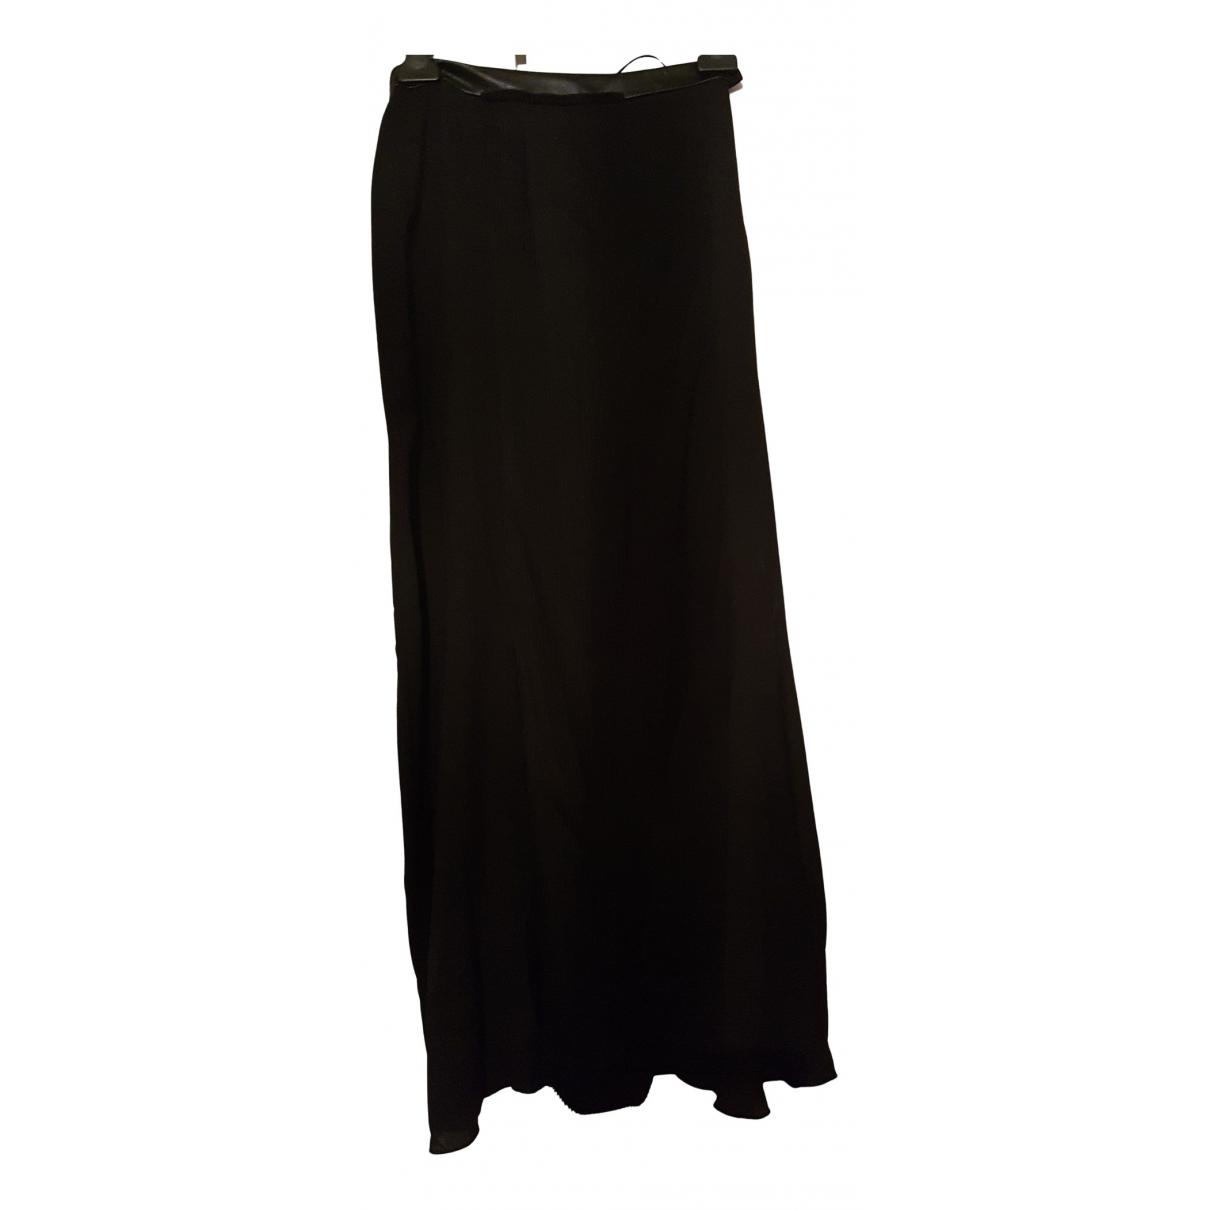 Karl Lagerfeld N Black skirt for Women 36 FR